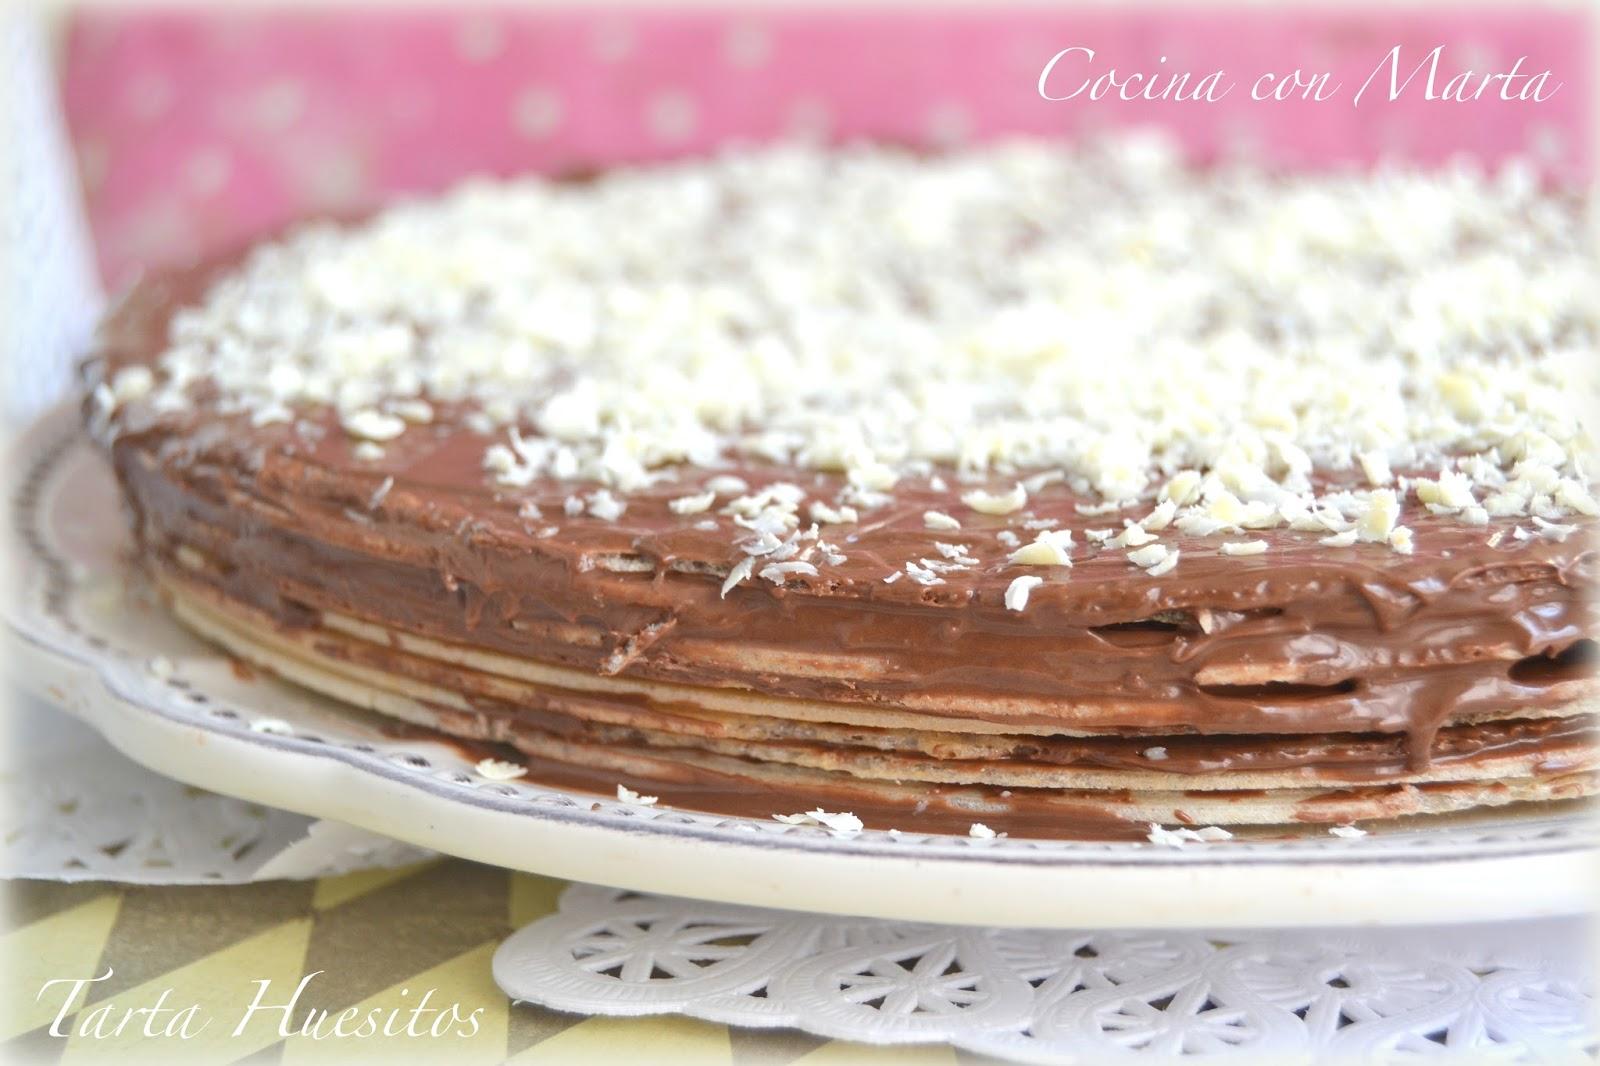 Cocina con marta recetas f ciles r pidas y caseras postres for Comidas rapidas caseras